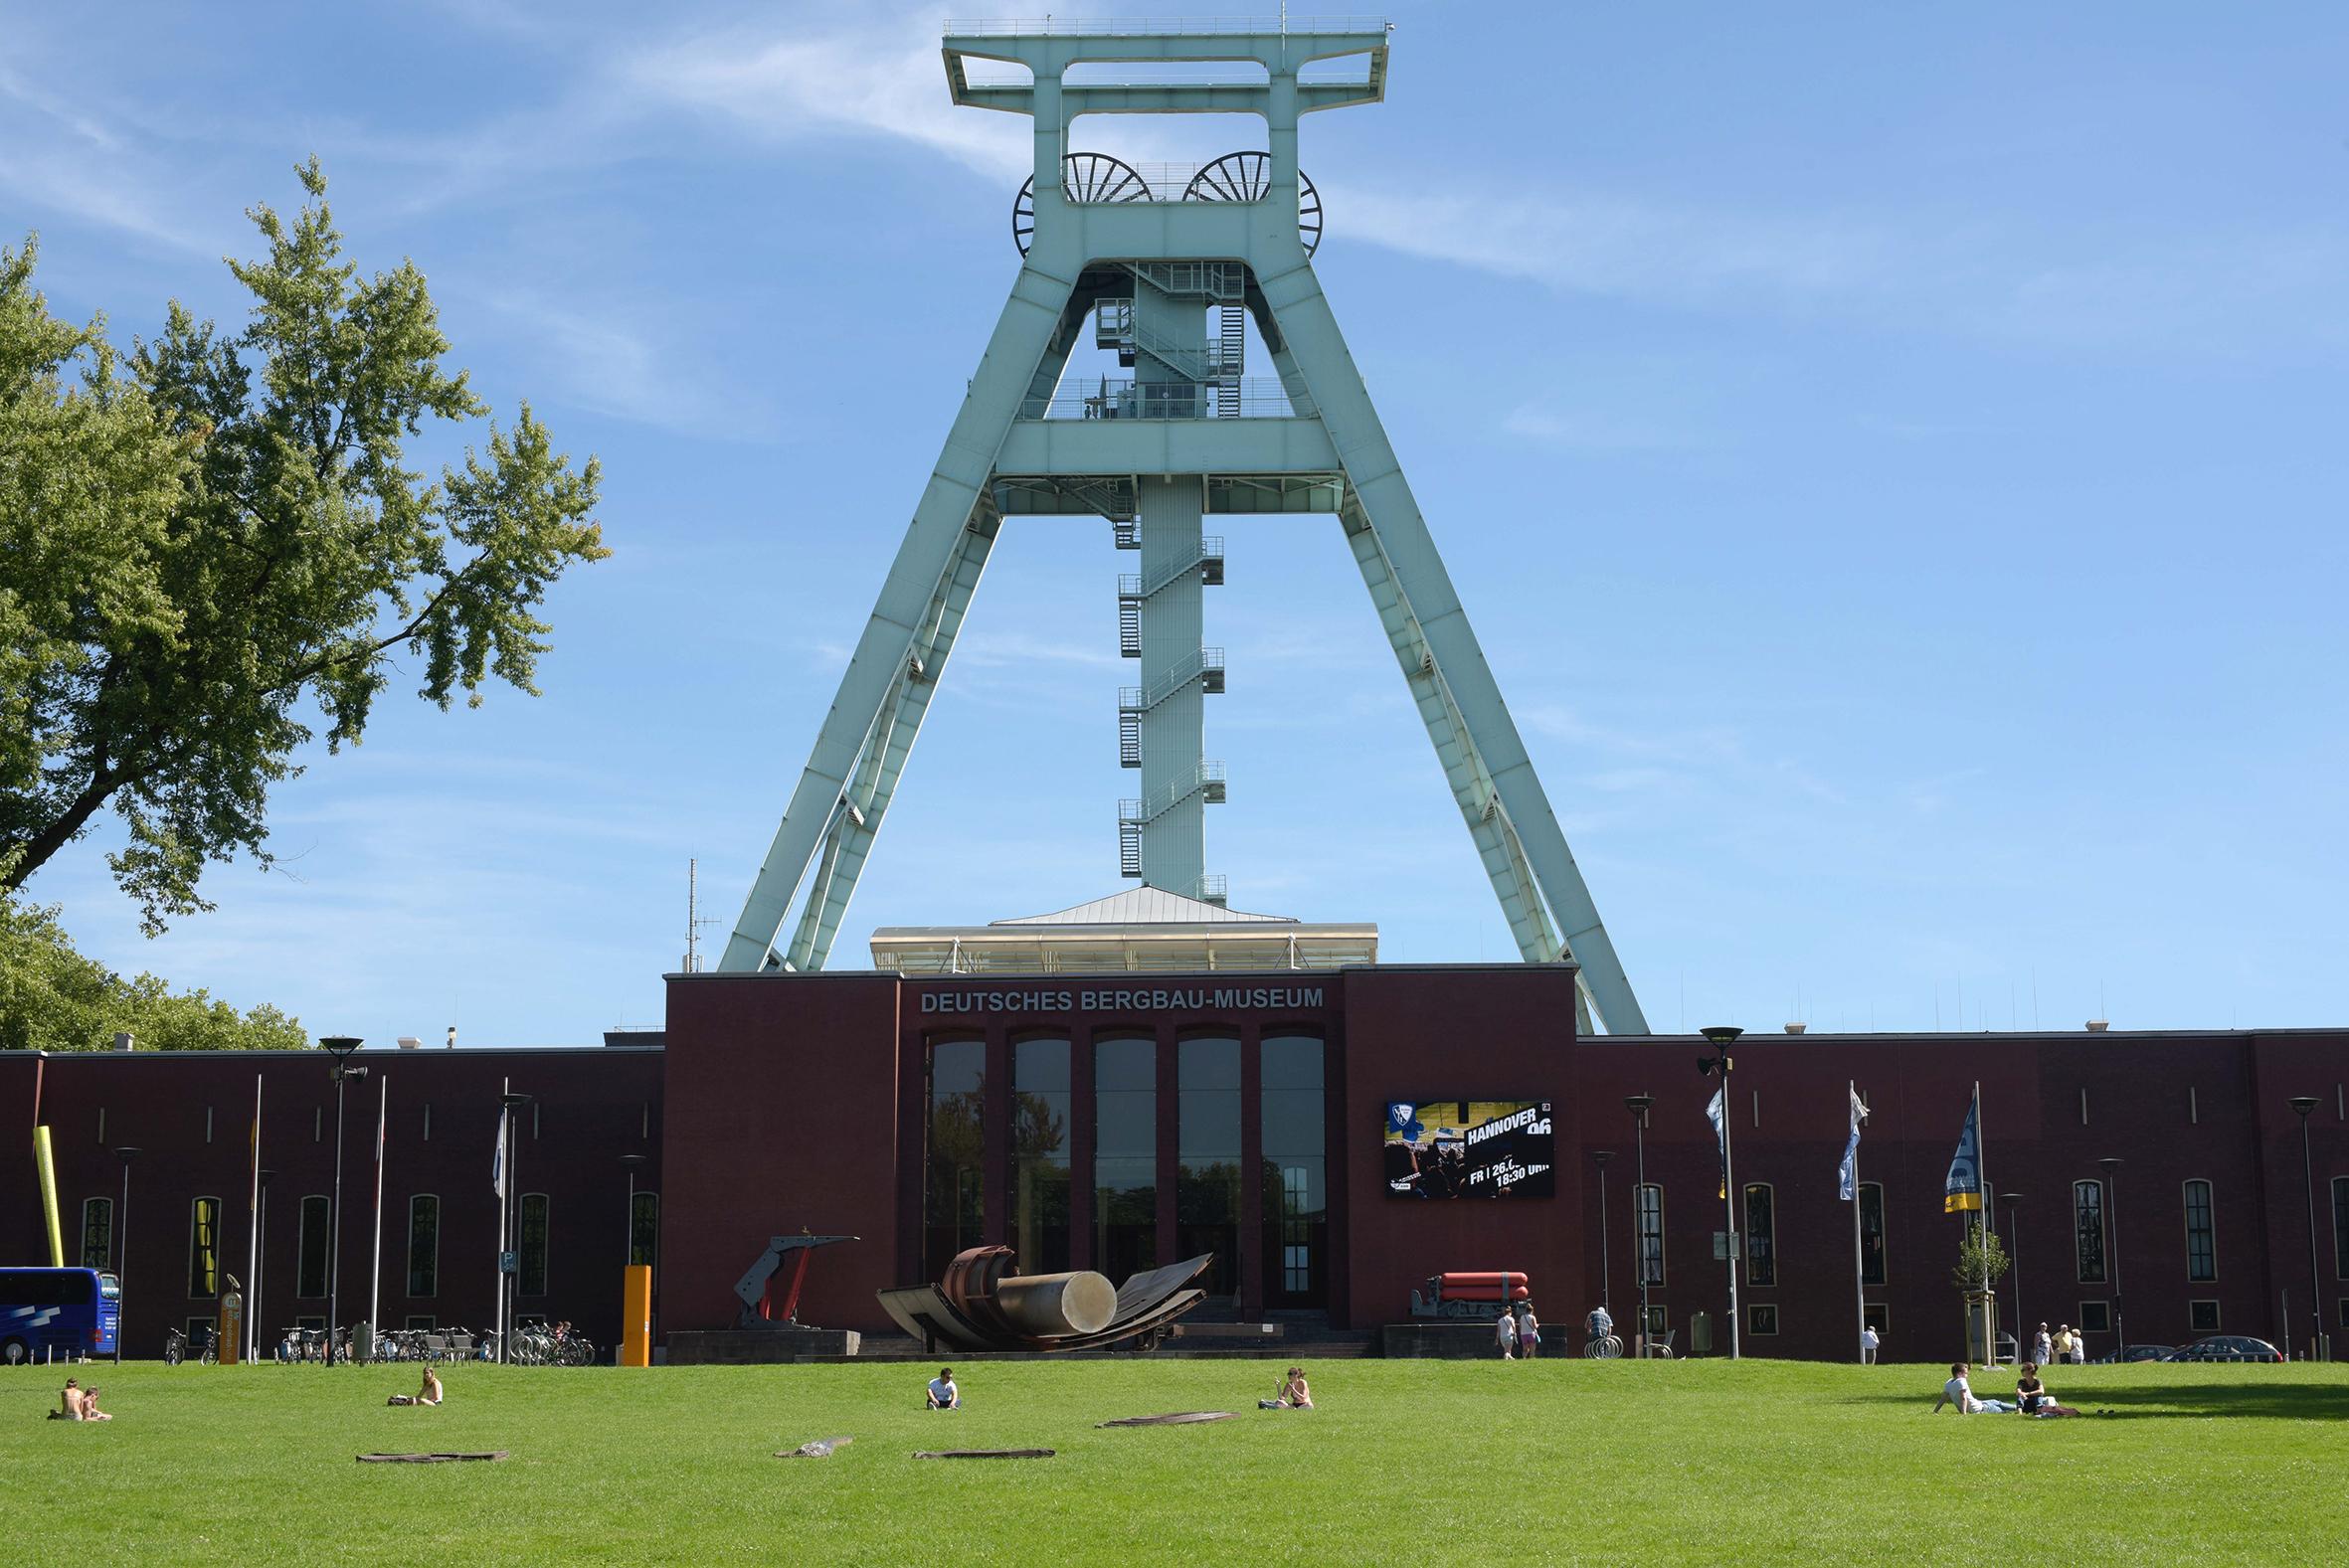 Deutsche Bergbau-Museum Bochum – ab 21.08.20 wieder mit Turmfahrt!